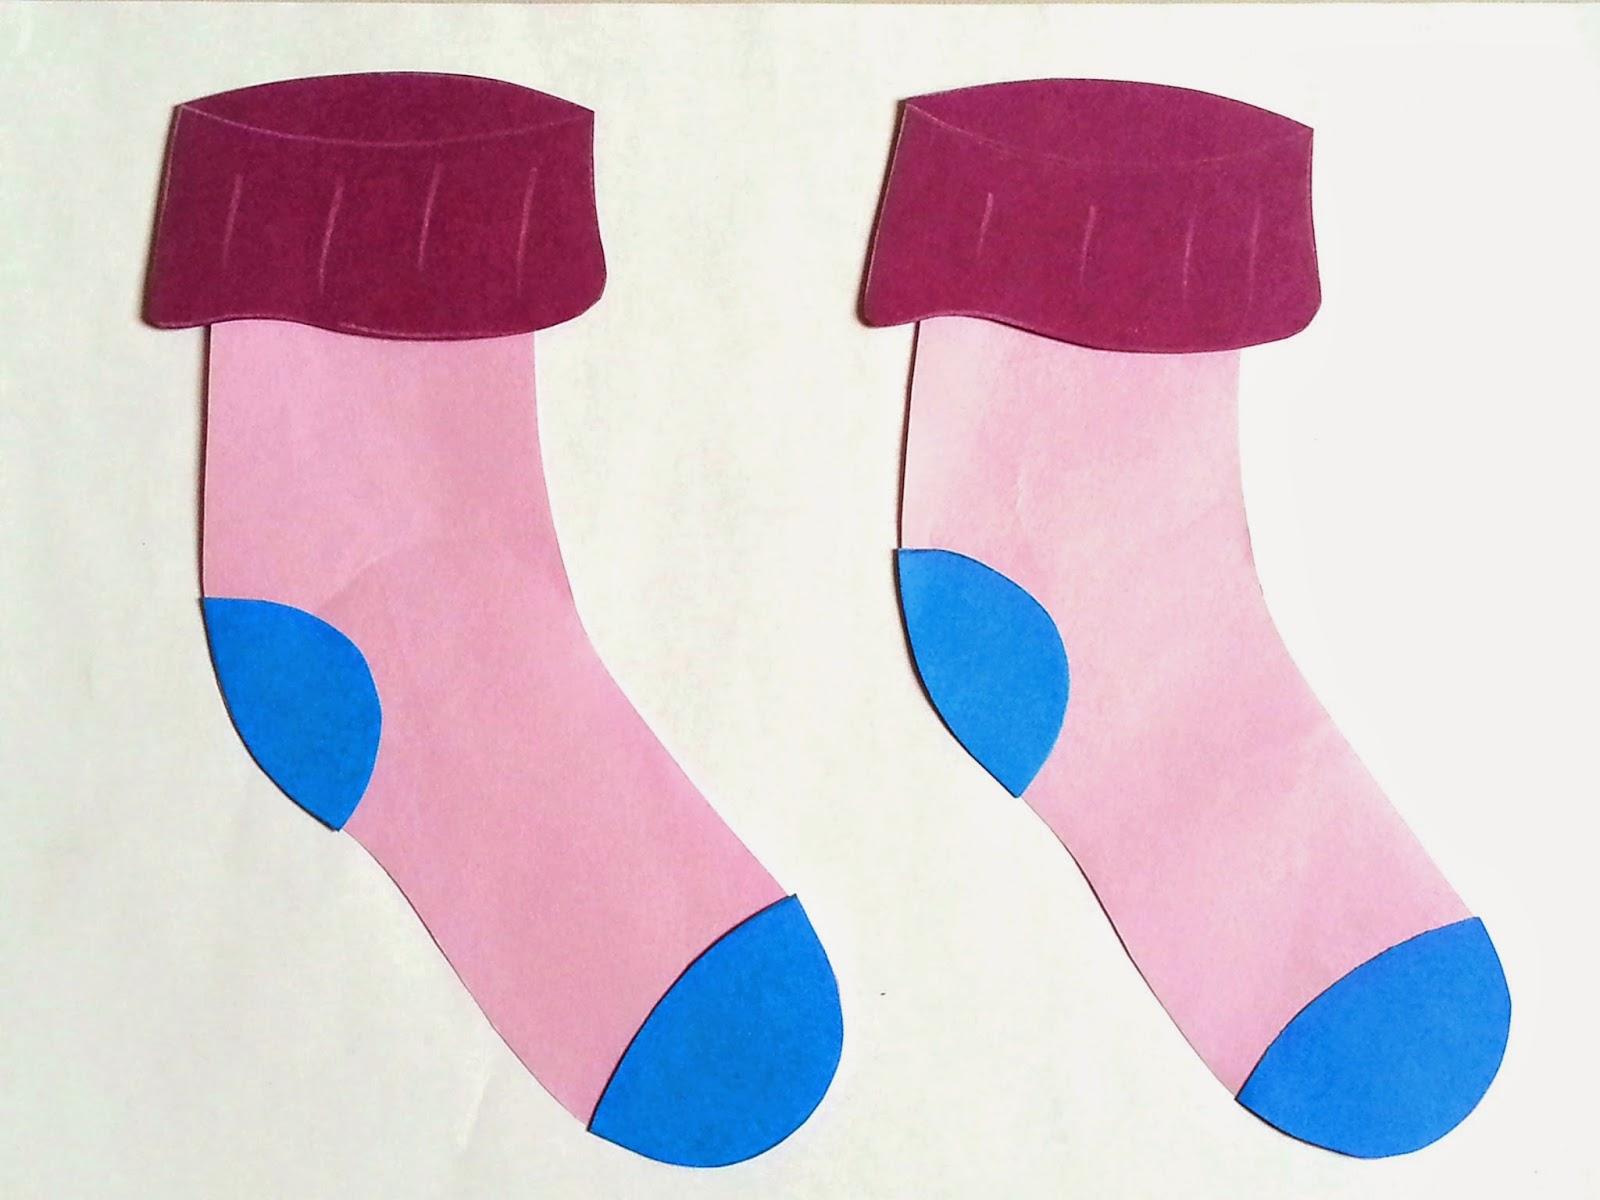 Tek kalan çoraplar nasıl değerlendirilir